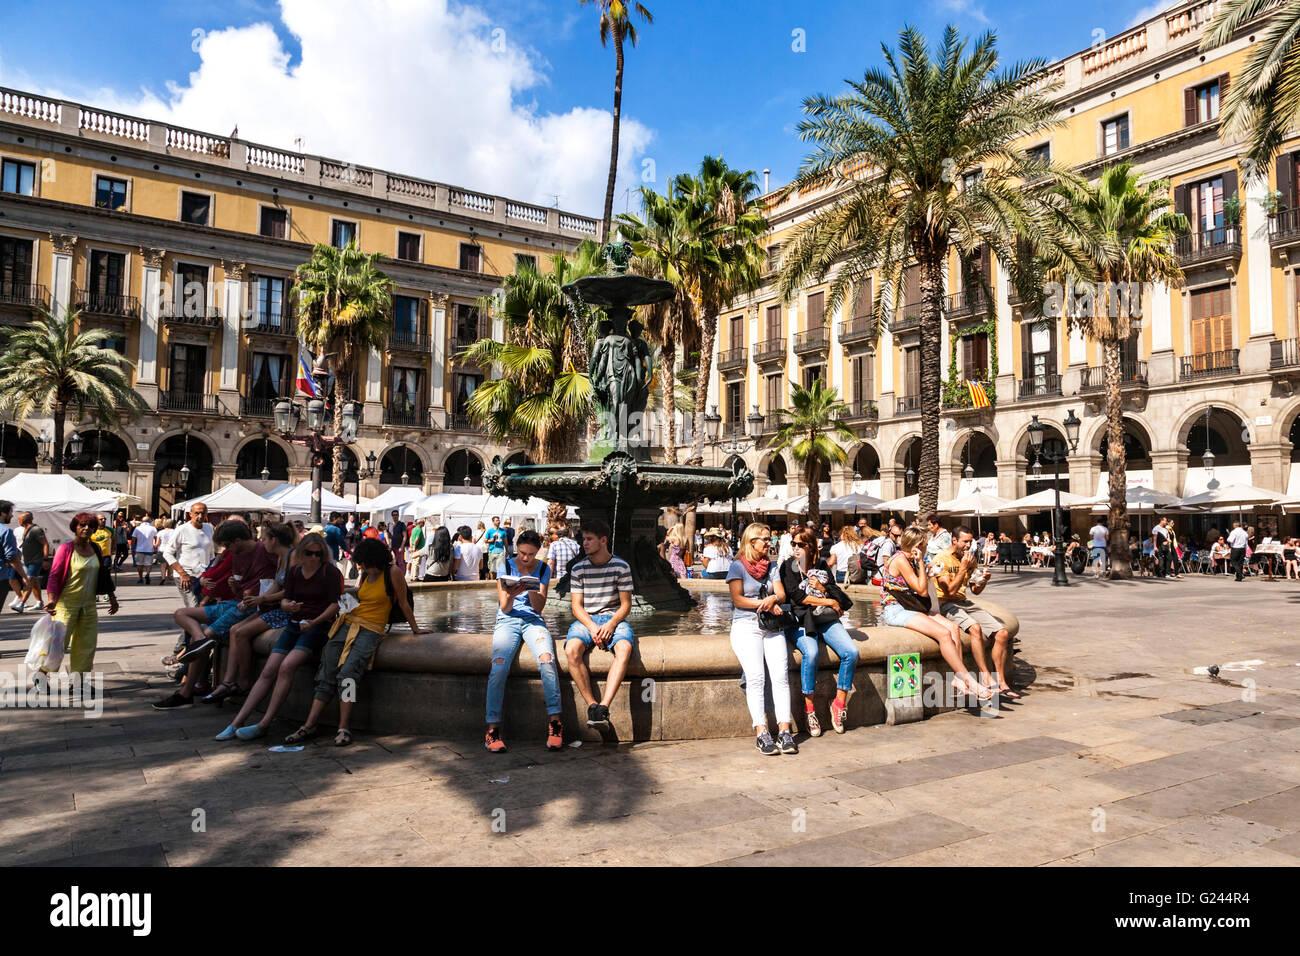 Placa Reial, the Gothic Quarter, Barcelona, Catalonia, Spain. - Stock Image